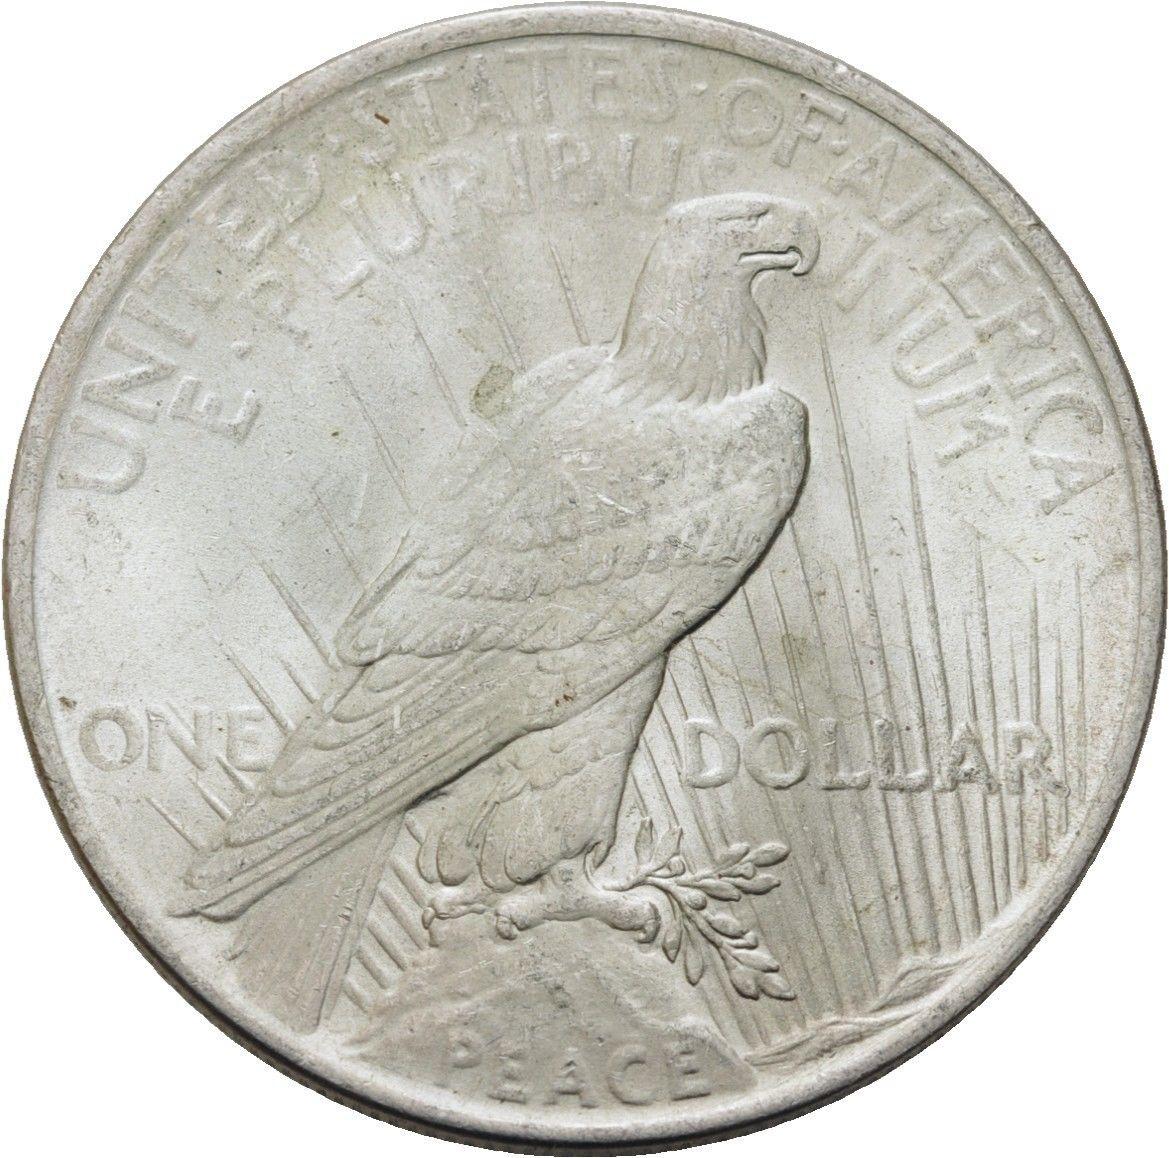 1 dolar 1923 - PEACE DOLLAR 2wcjtow